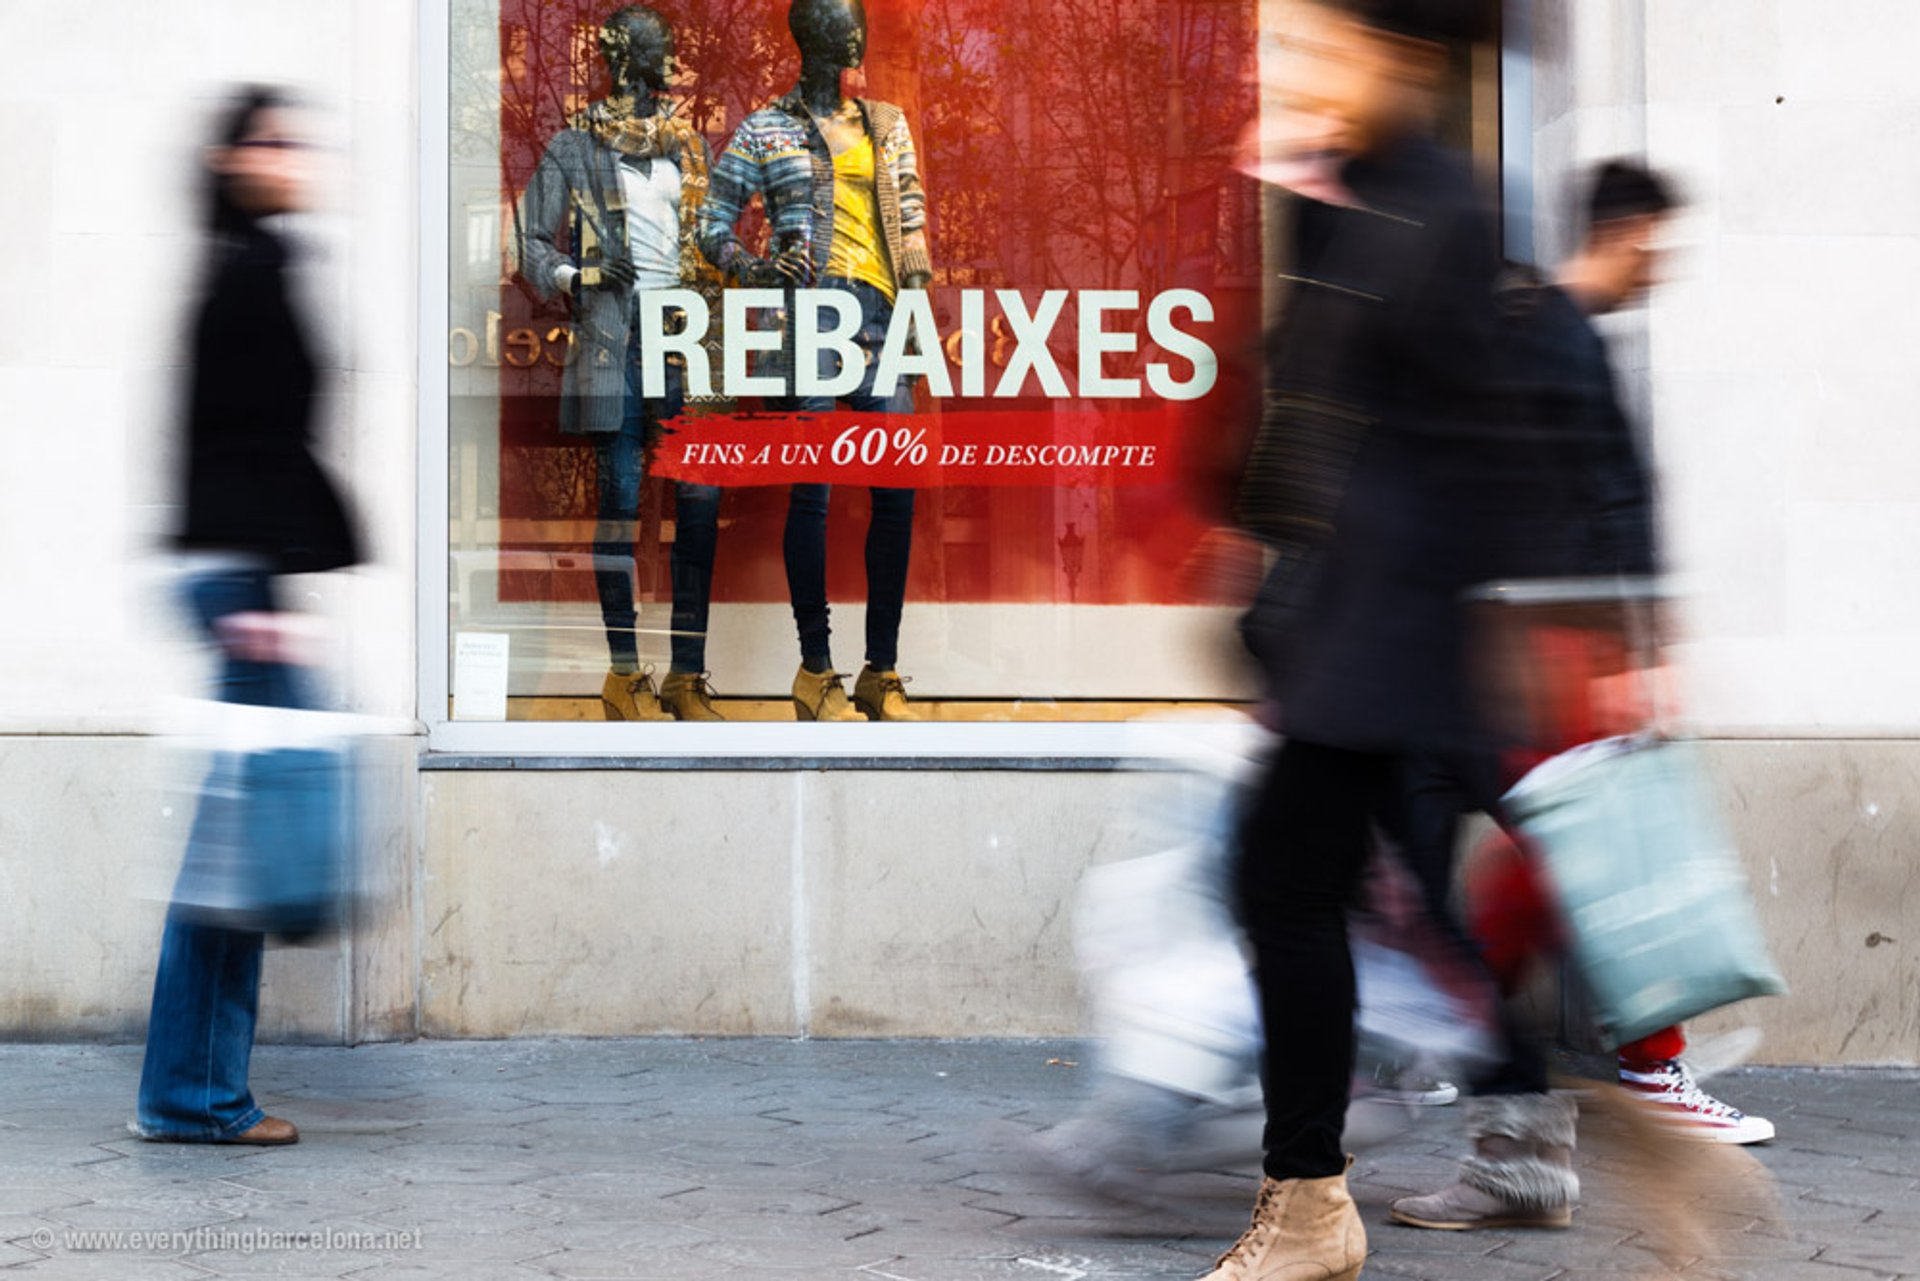 Rebajas or Sales in Barcelona - Best Time